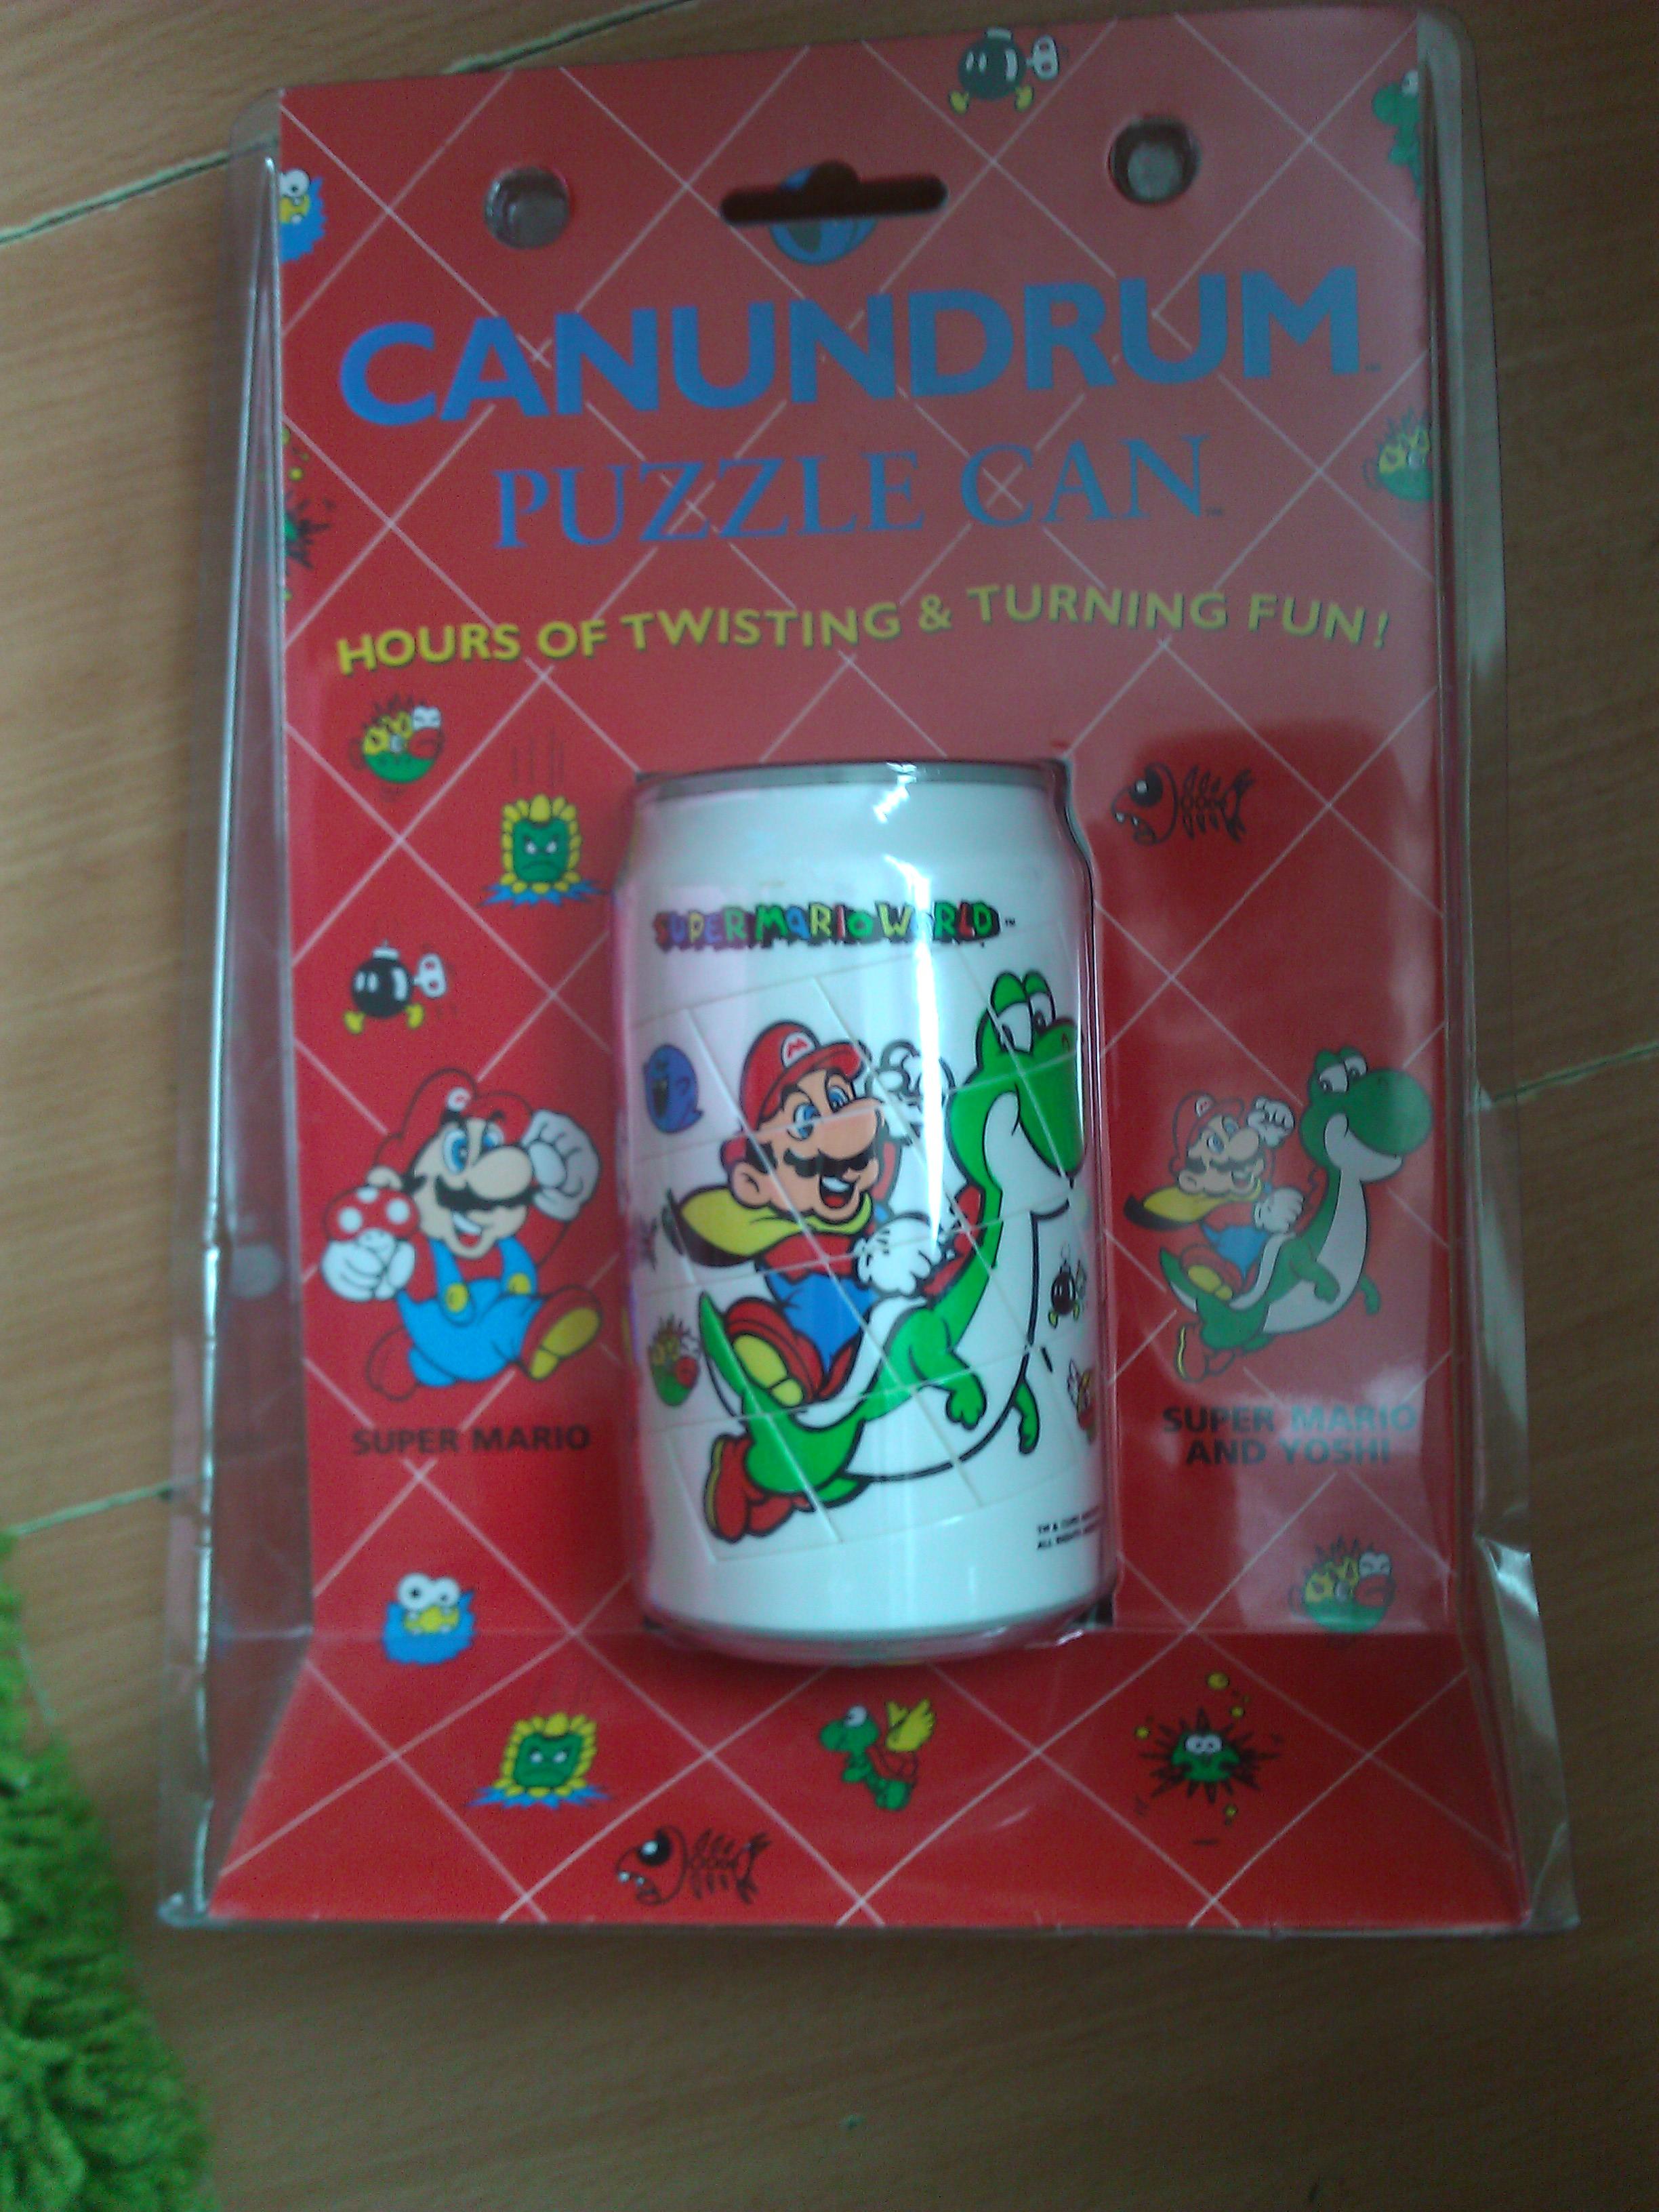 FAN DE MARIO HELP Canette puzzle mario vintage ?? infos?? Gavin_mario_puzzle_can